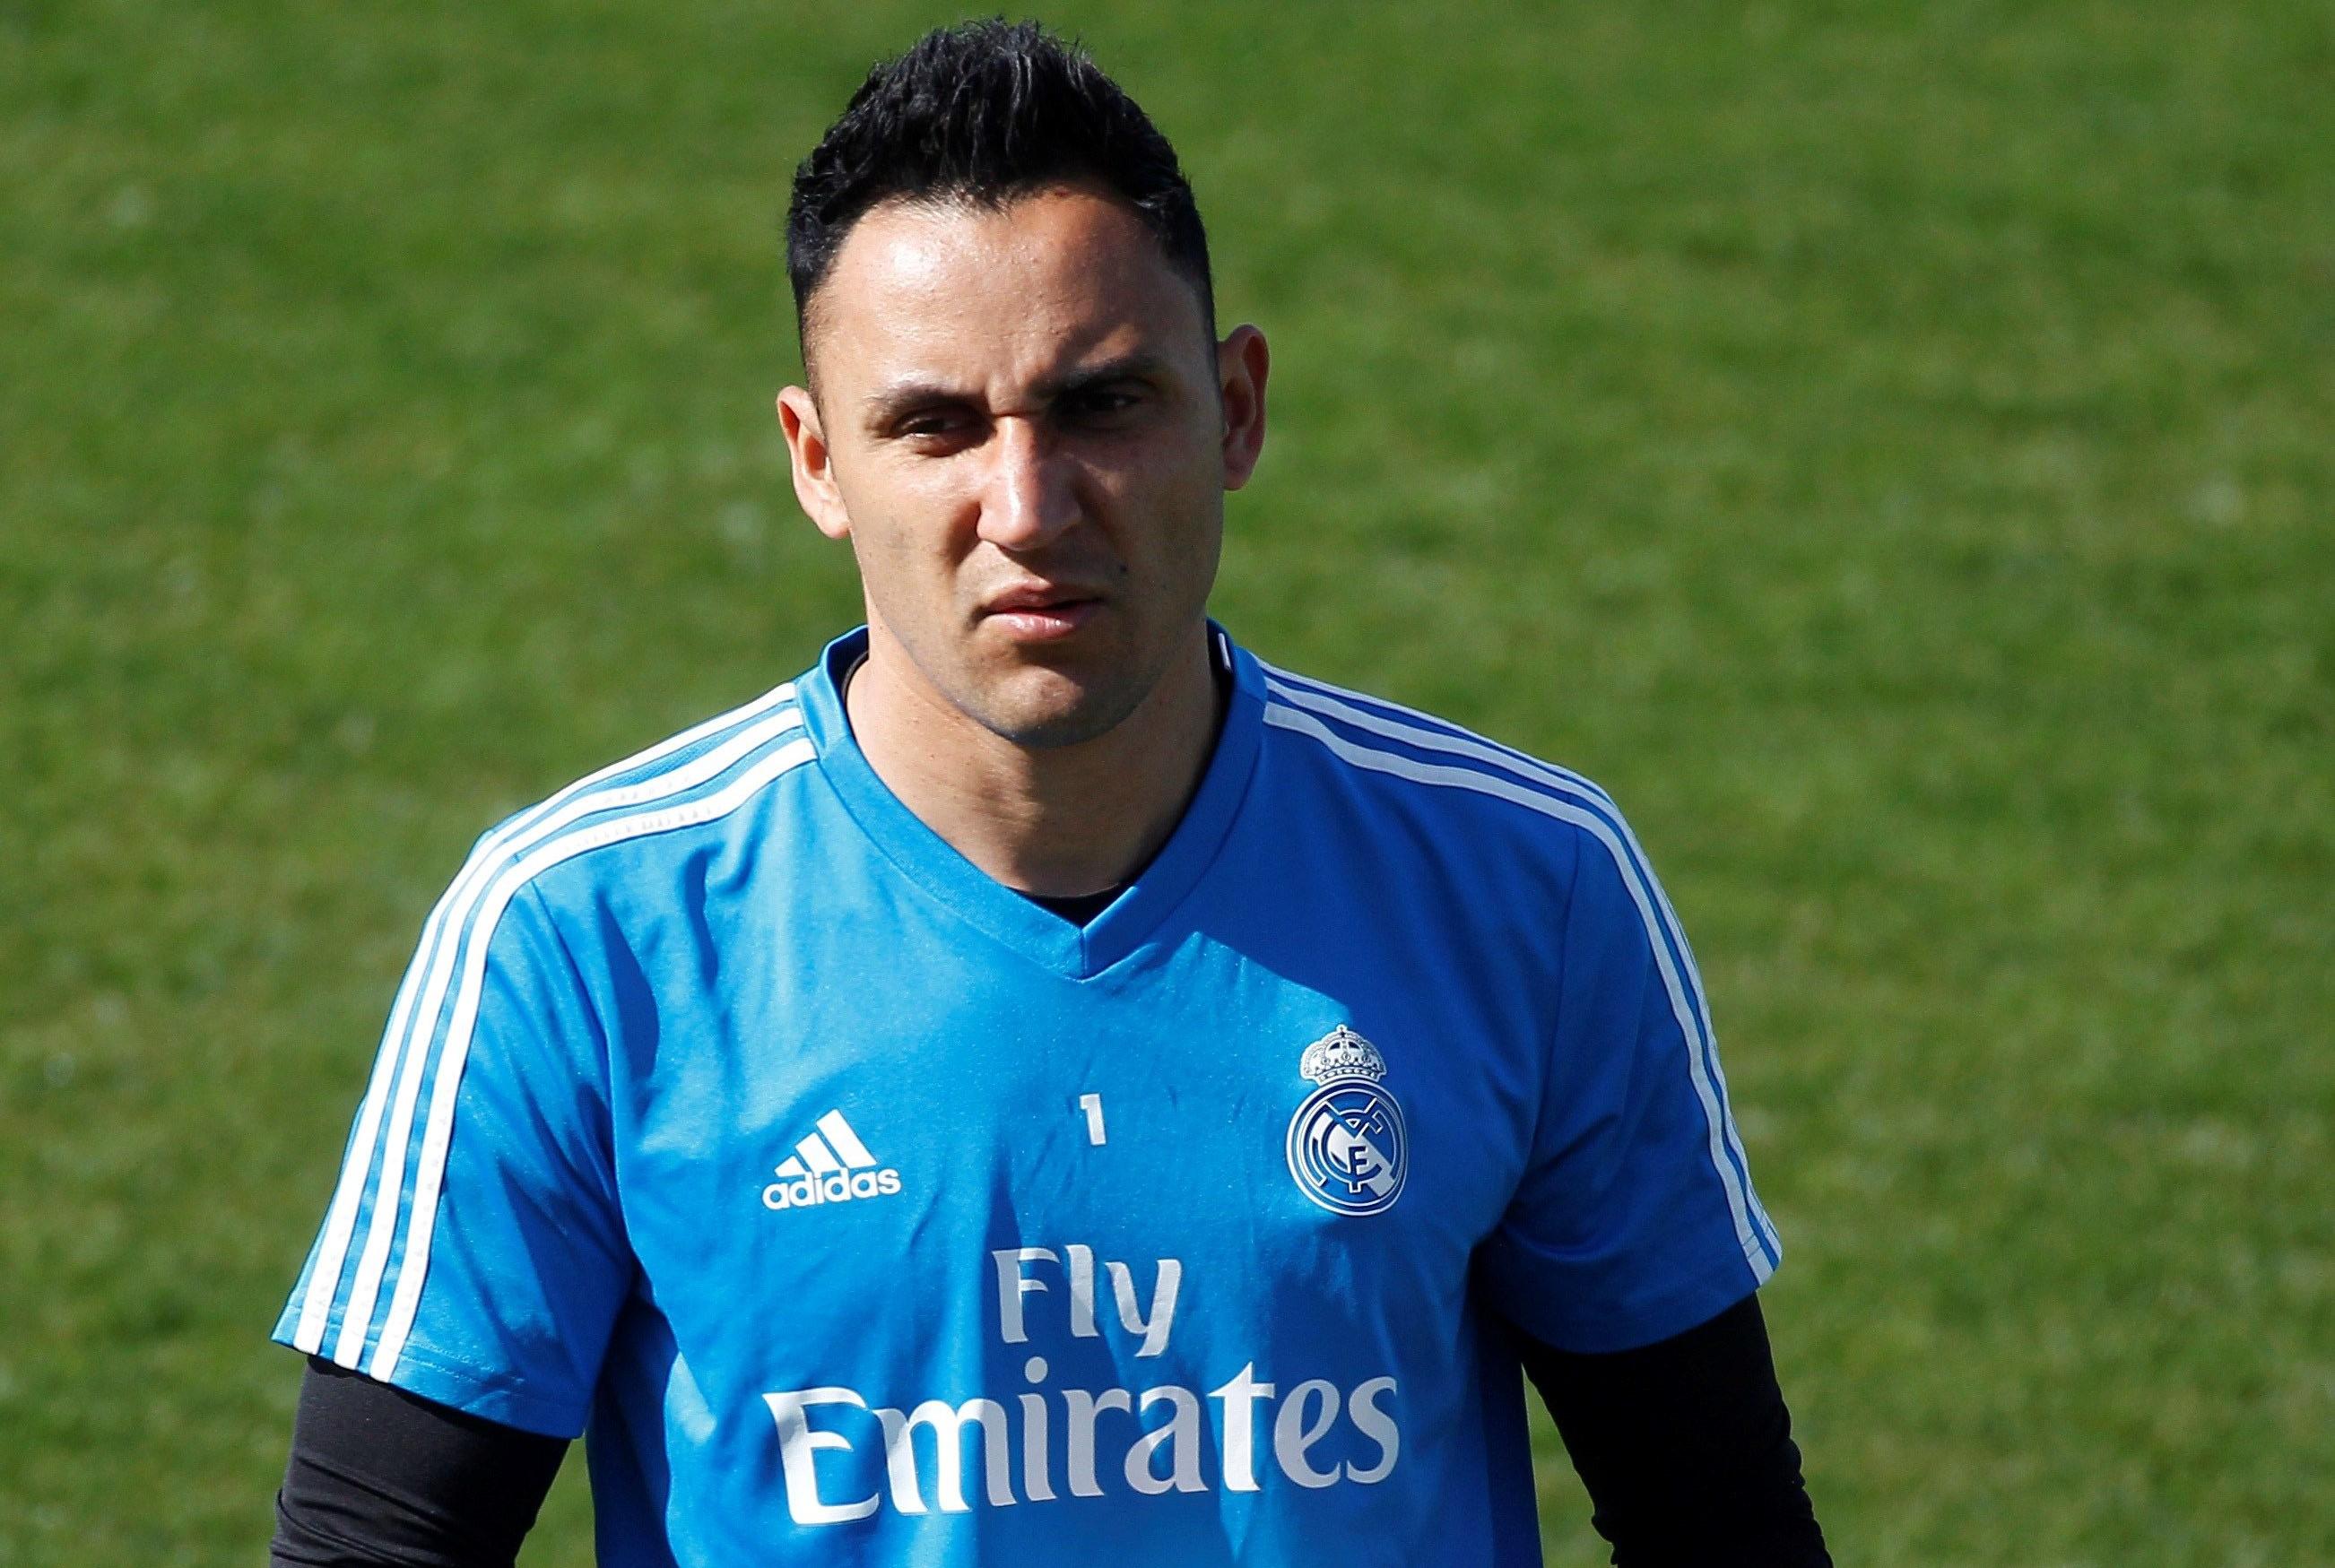 El portero costarricense del Real Madrid Keylor Navas. (Foto Prensa Libre: EFE)